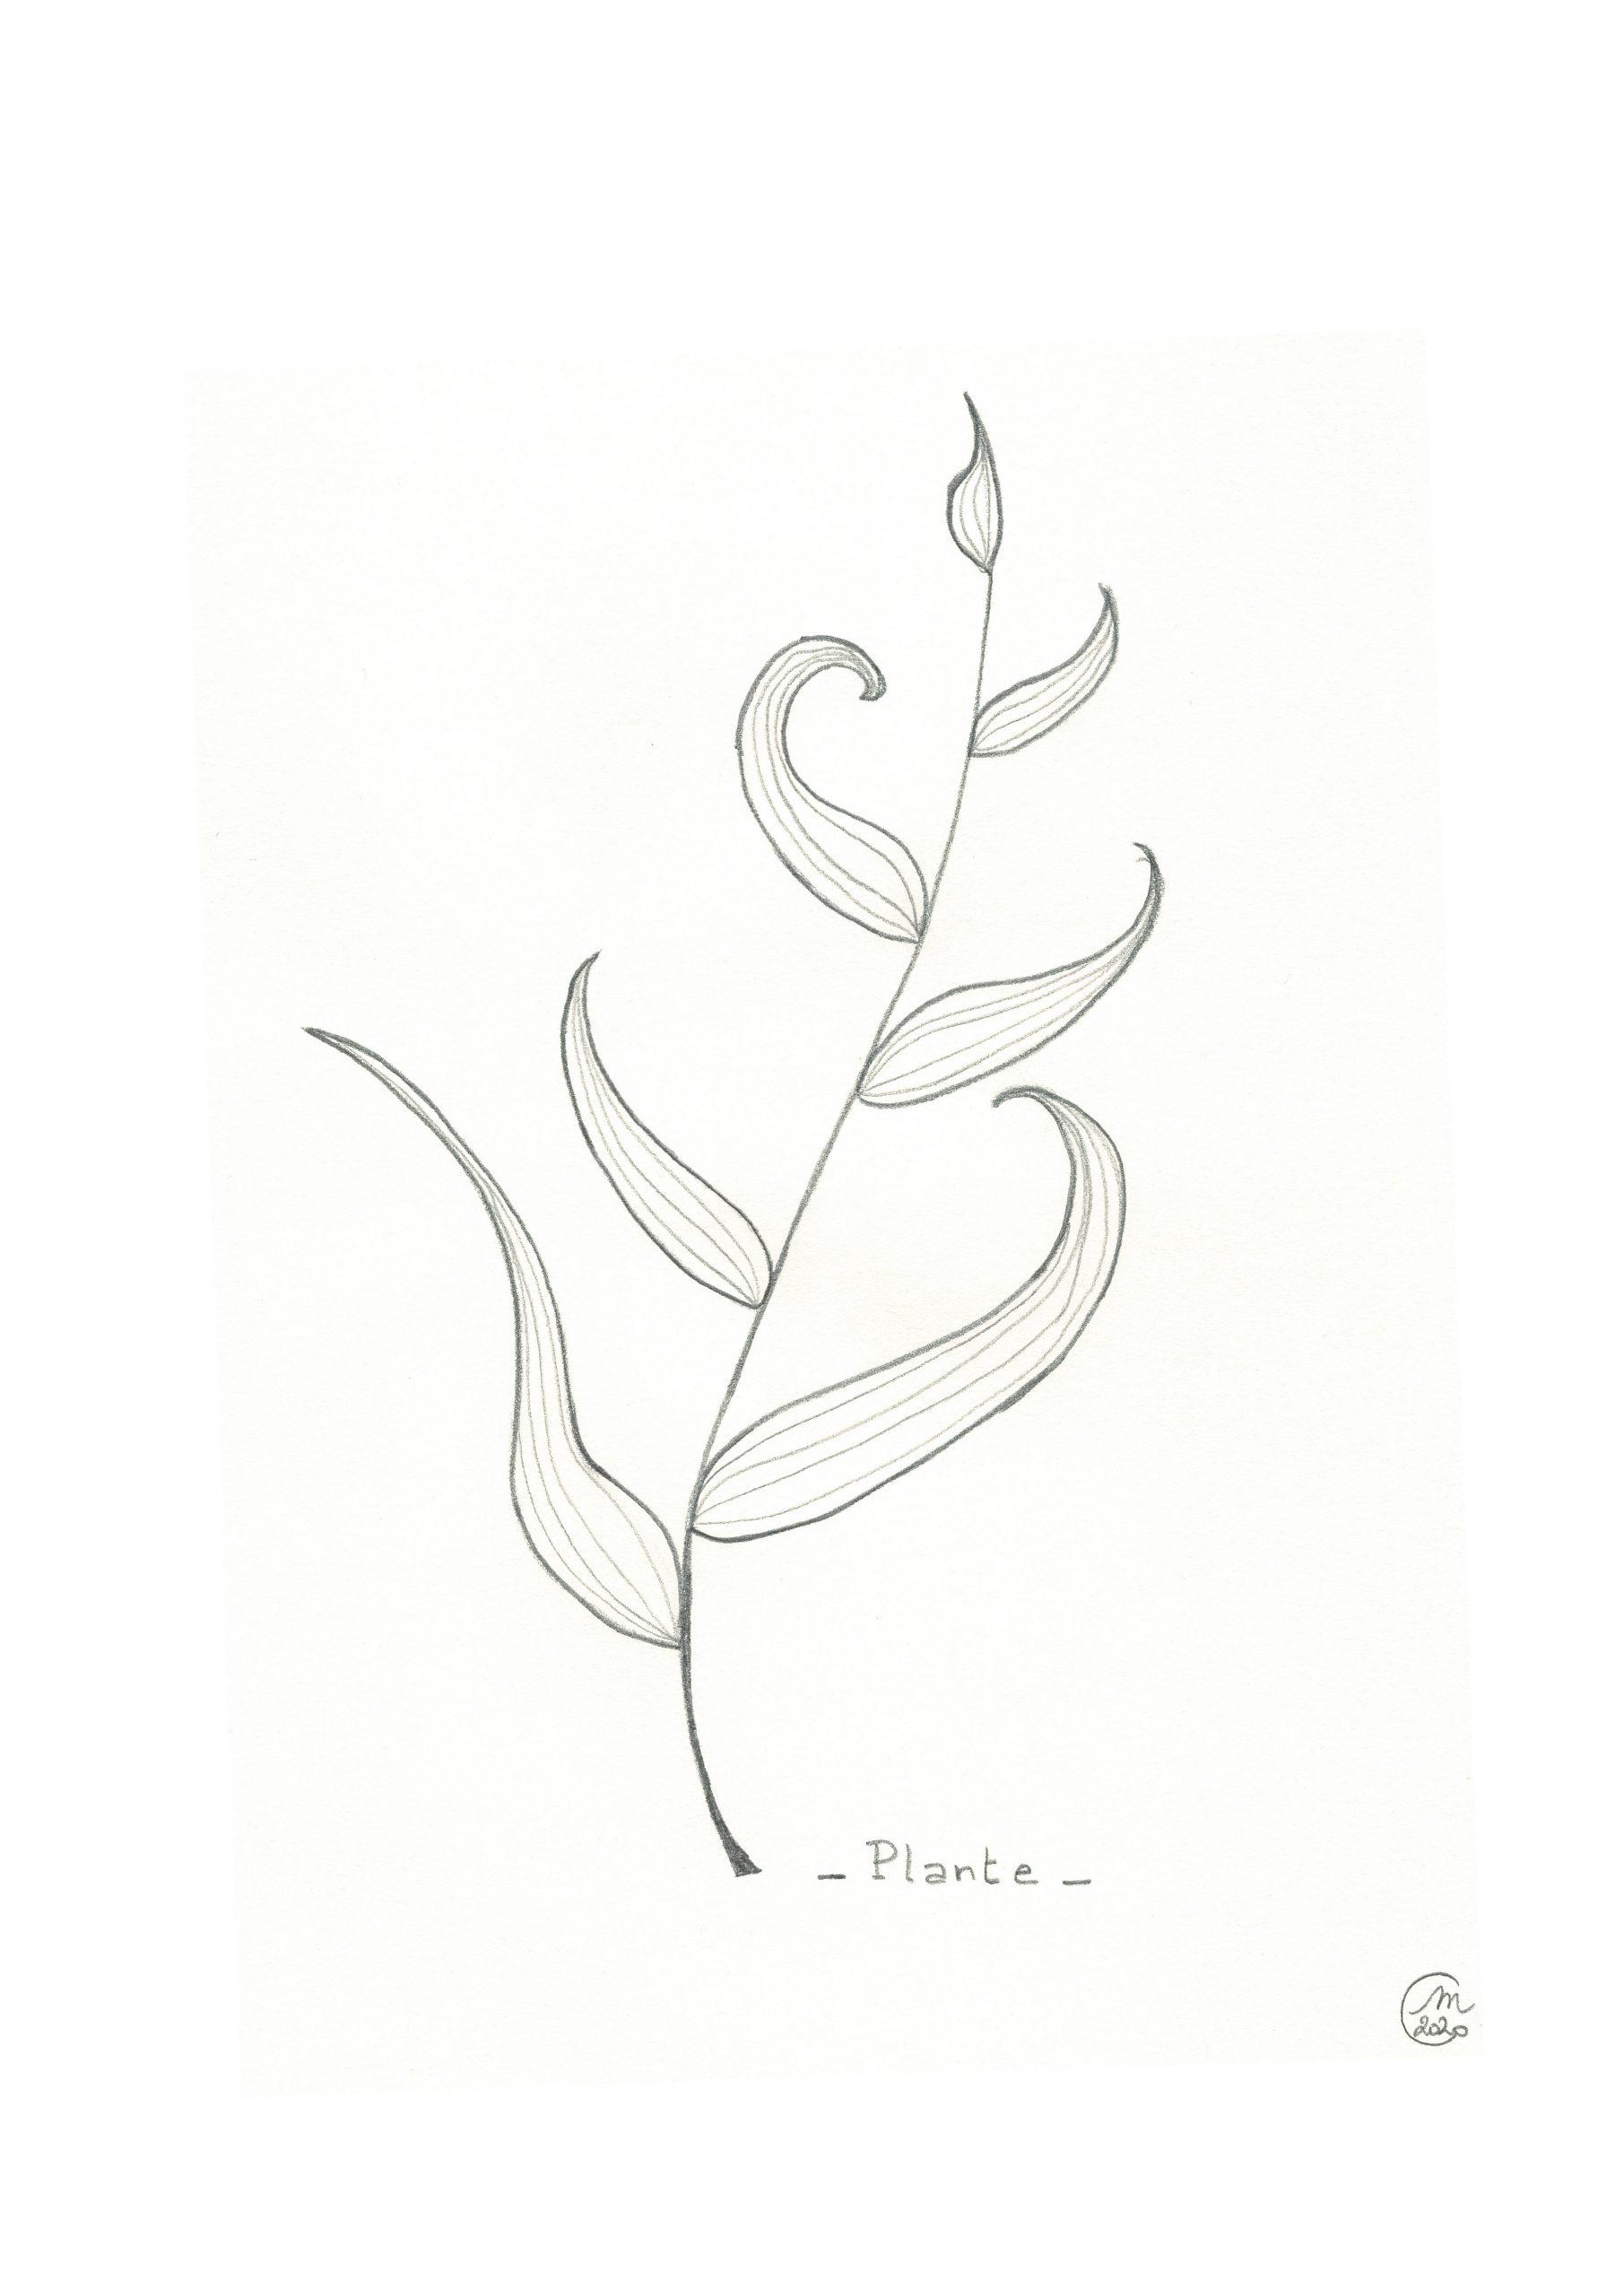 Dessin au crayon d'une plante